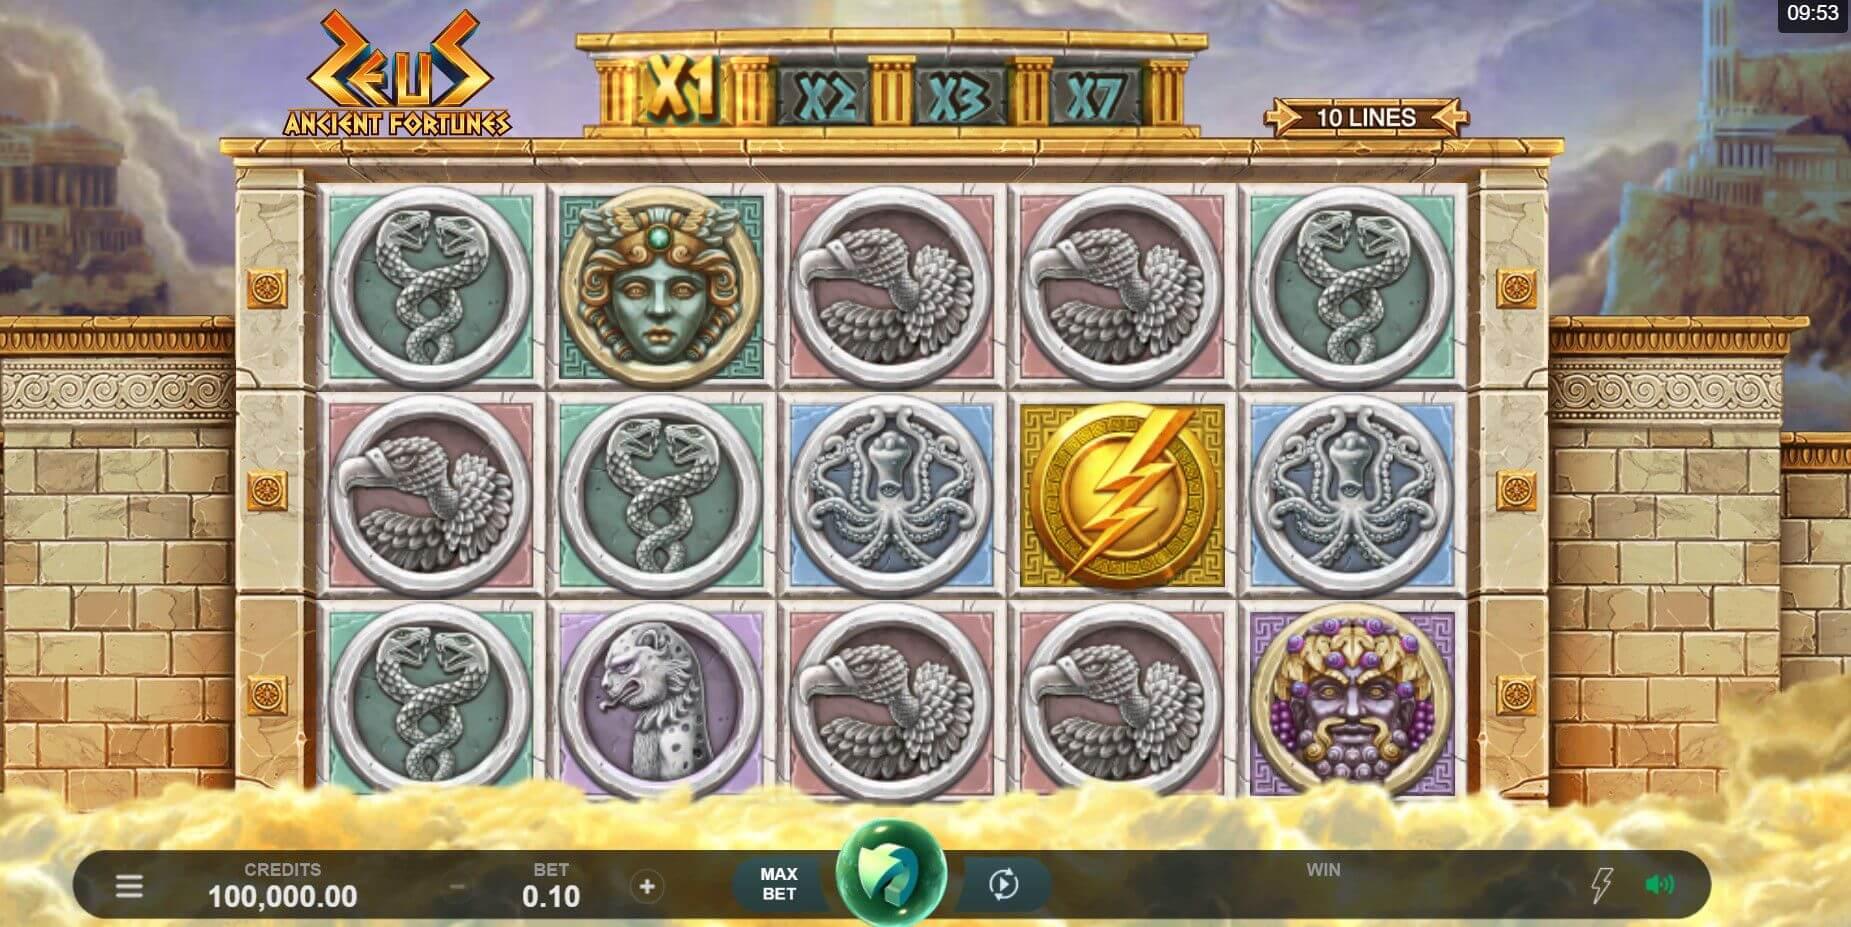 Ancient Fortunes Zeus Slot Gameplay